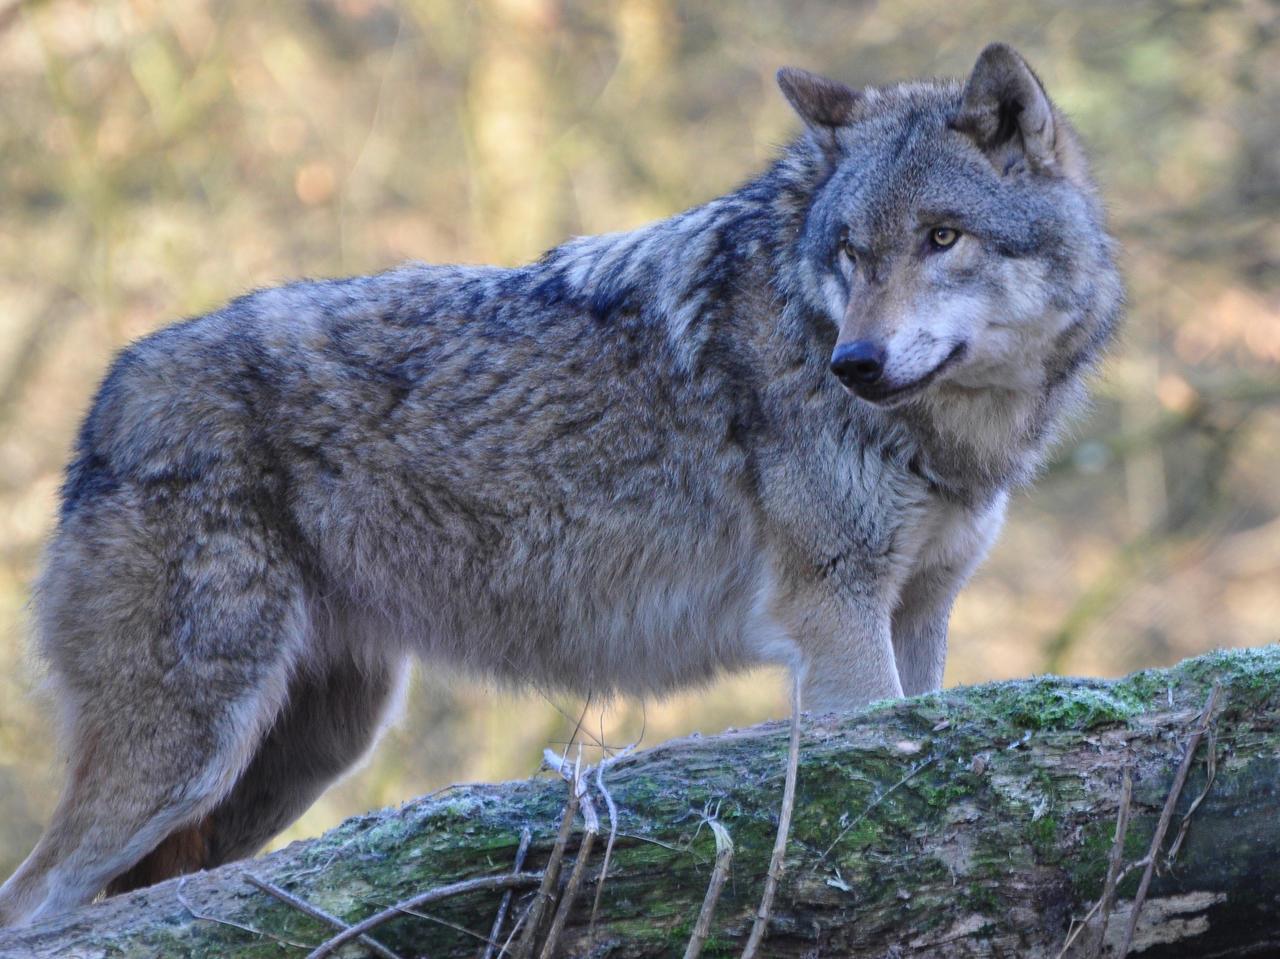 NI kritisiert Rüddels Wolfs-Kurs: Unverantwortliche Panikmache